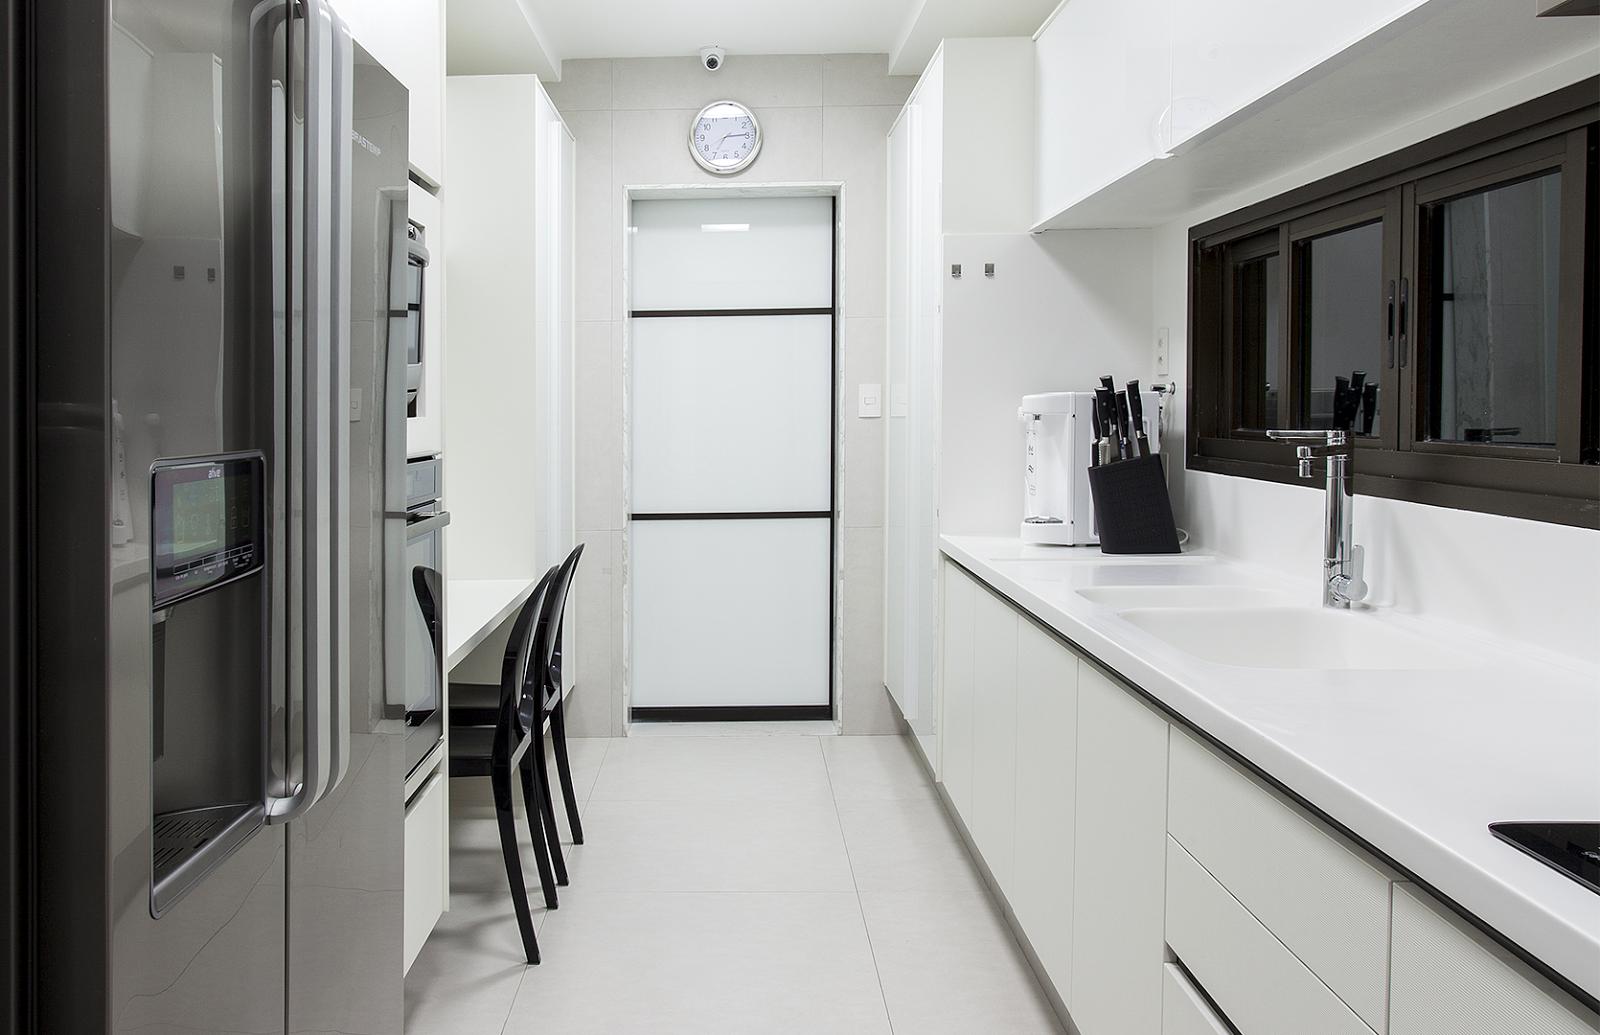 #595851 Cozinha corredor preta e branca com mesa encostada na parede maior  1600x1035 px Projetos Cozinha Corredor #17 imagens